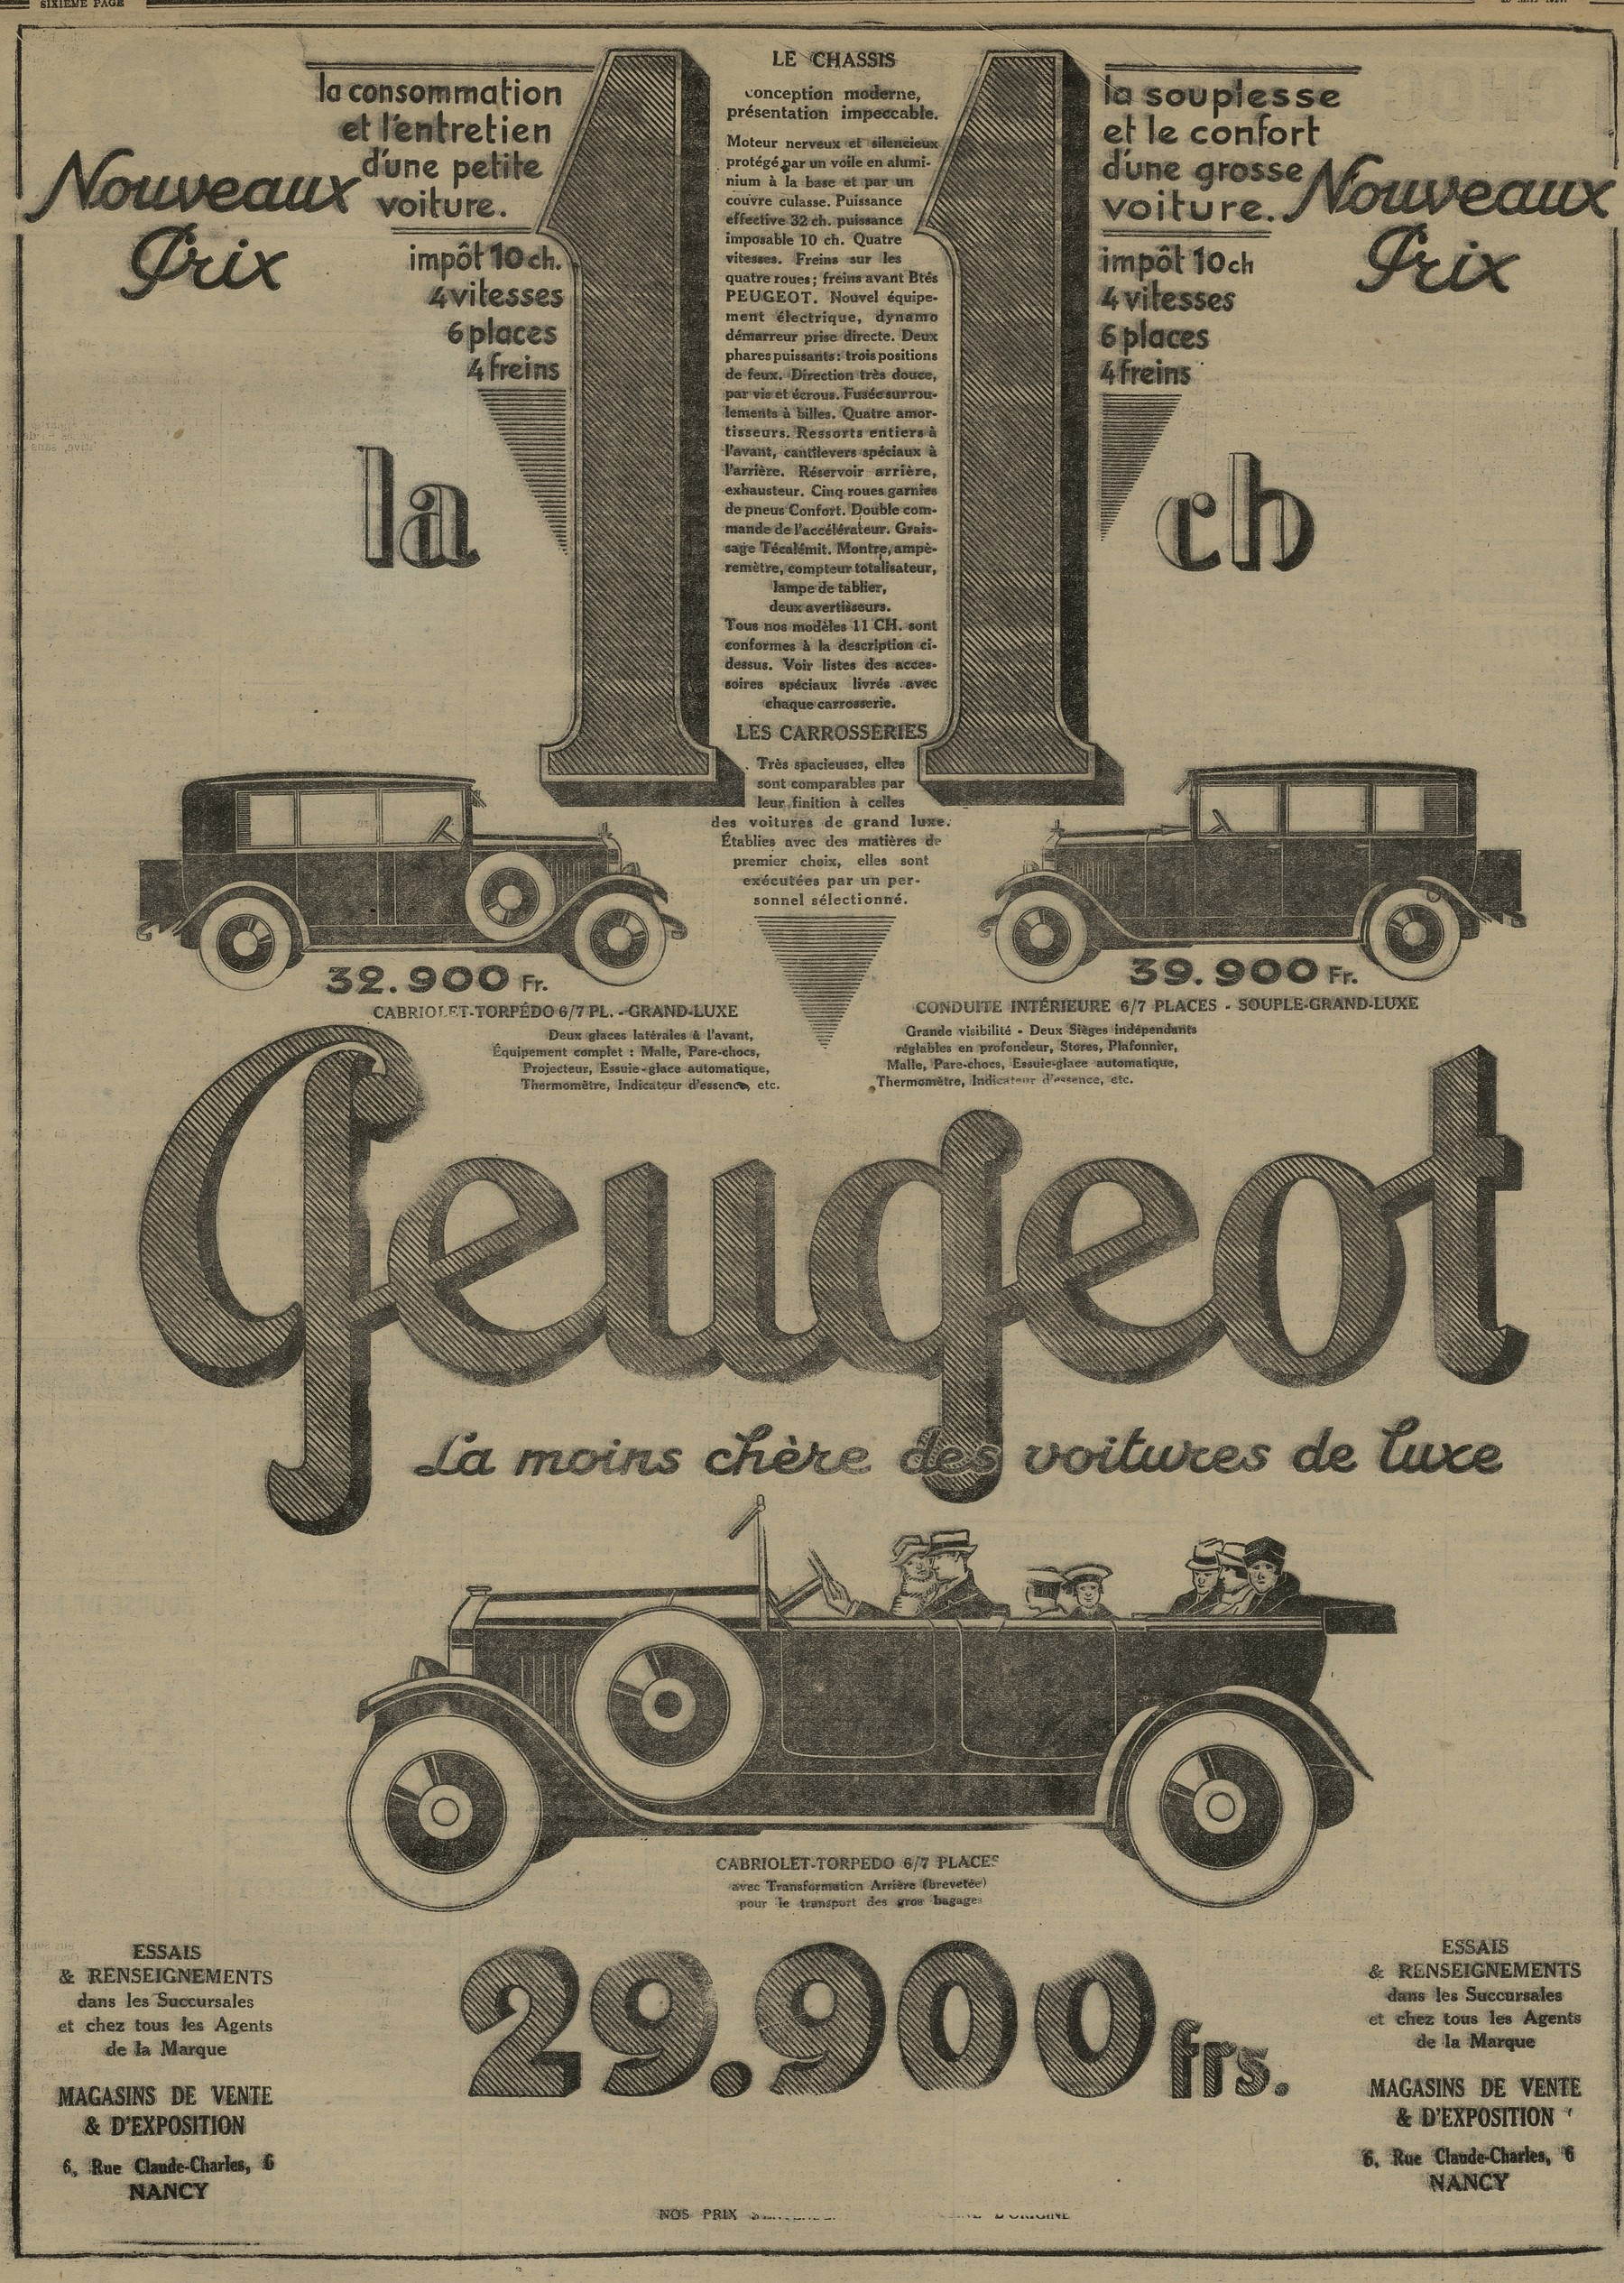 Contenu du 11 CV Peugeot